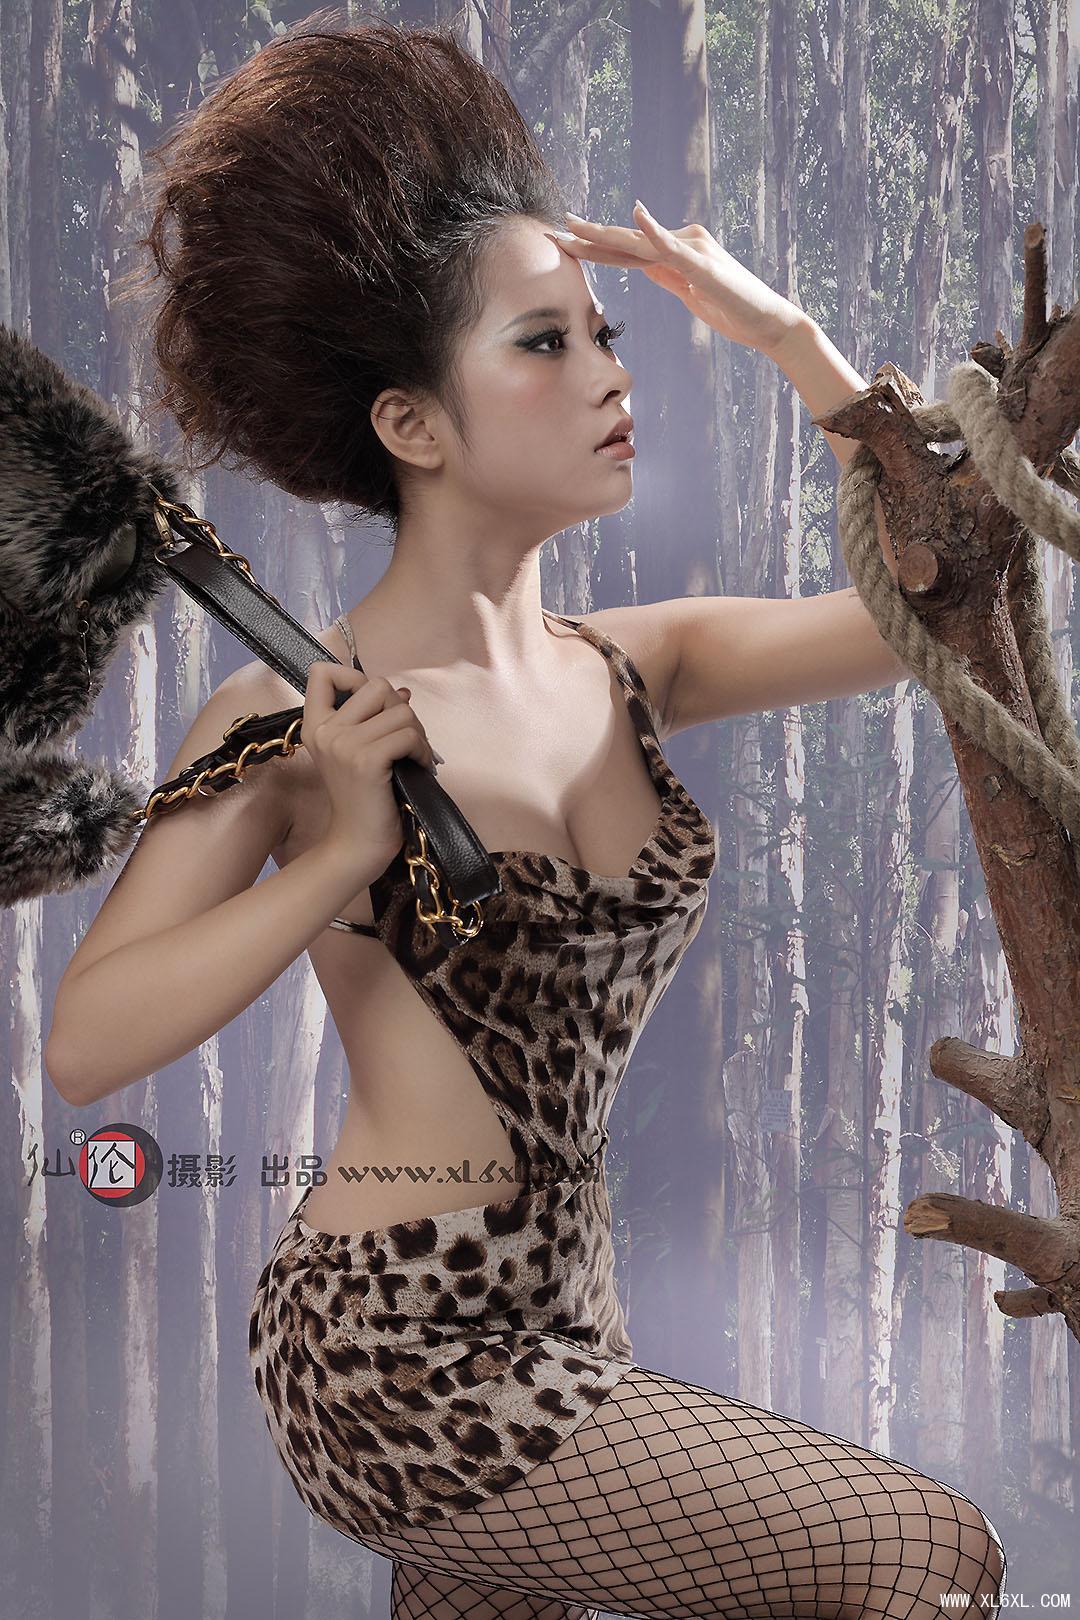 狂野之美驾驭豹纹元素